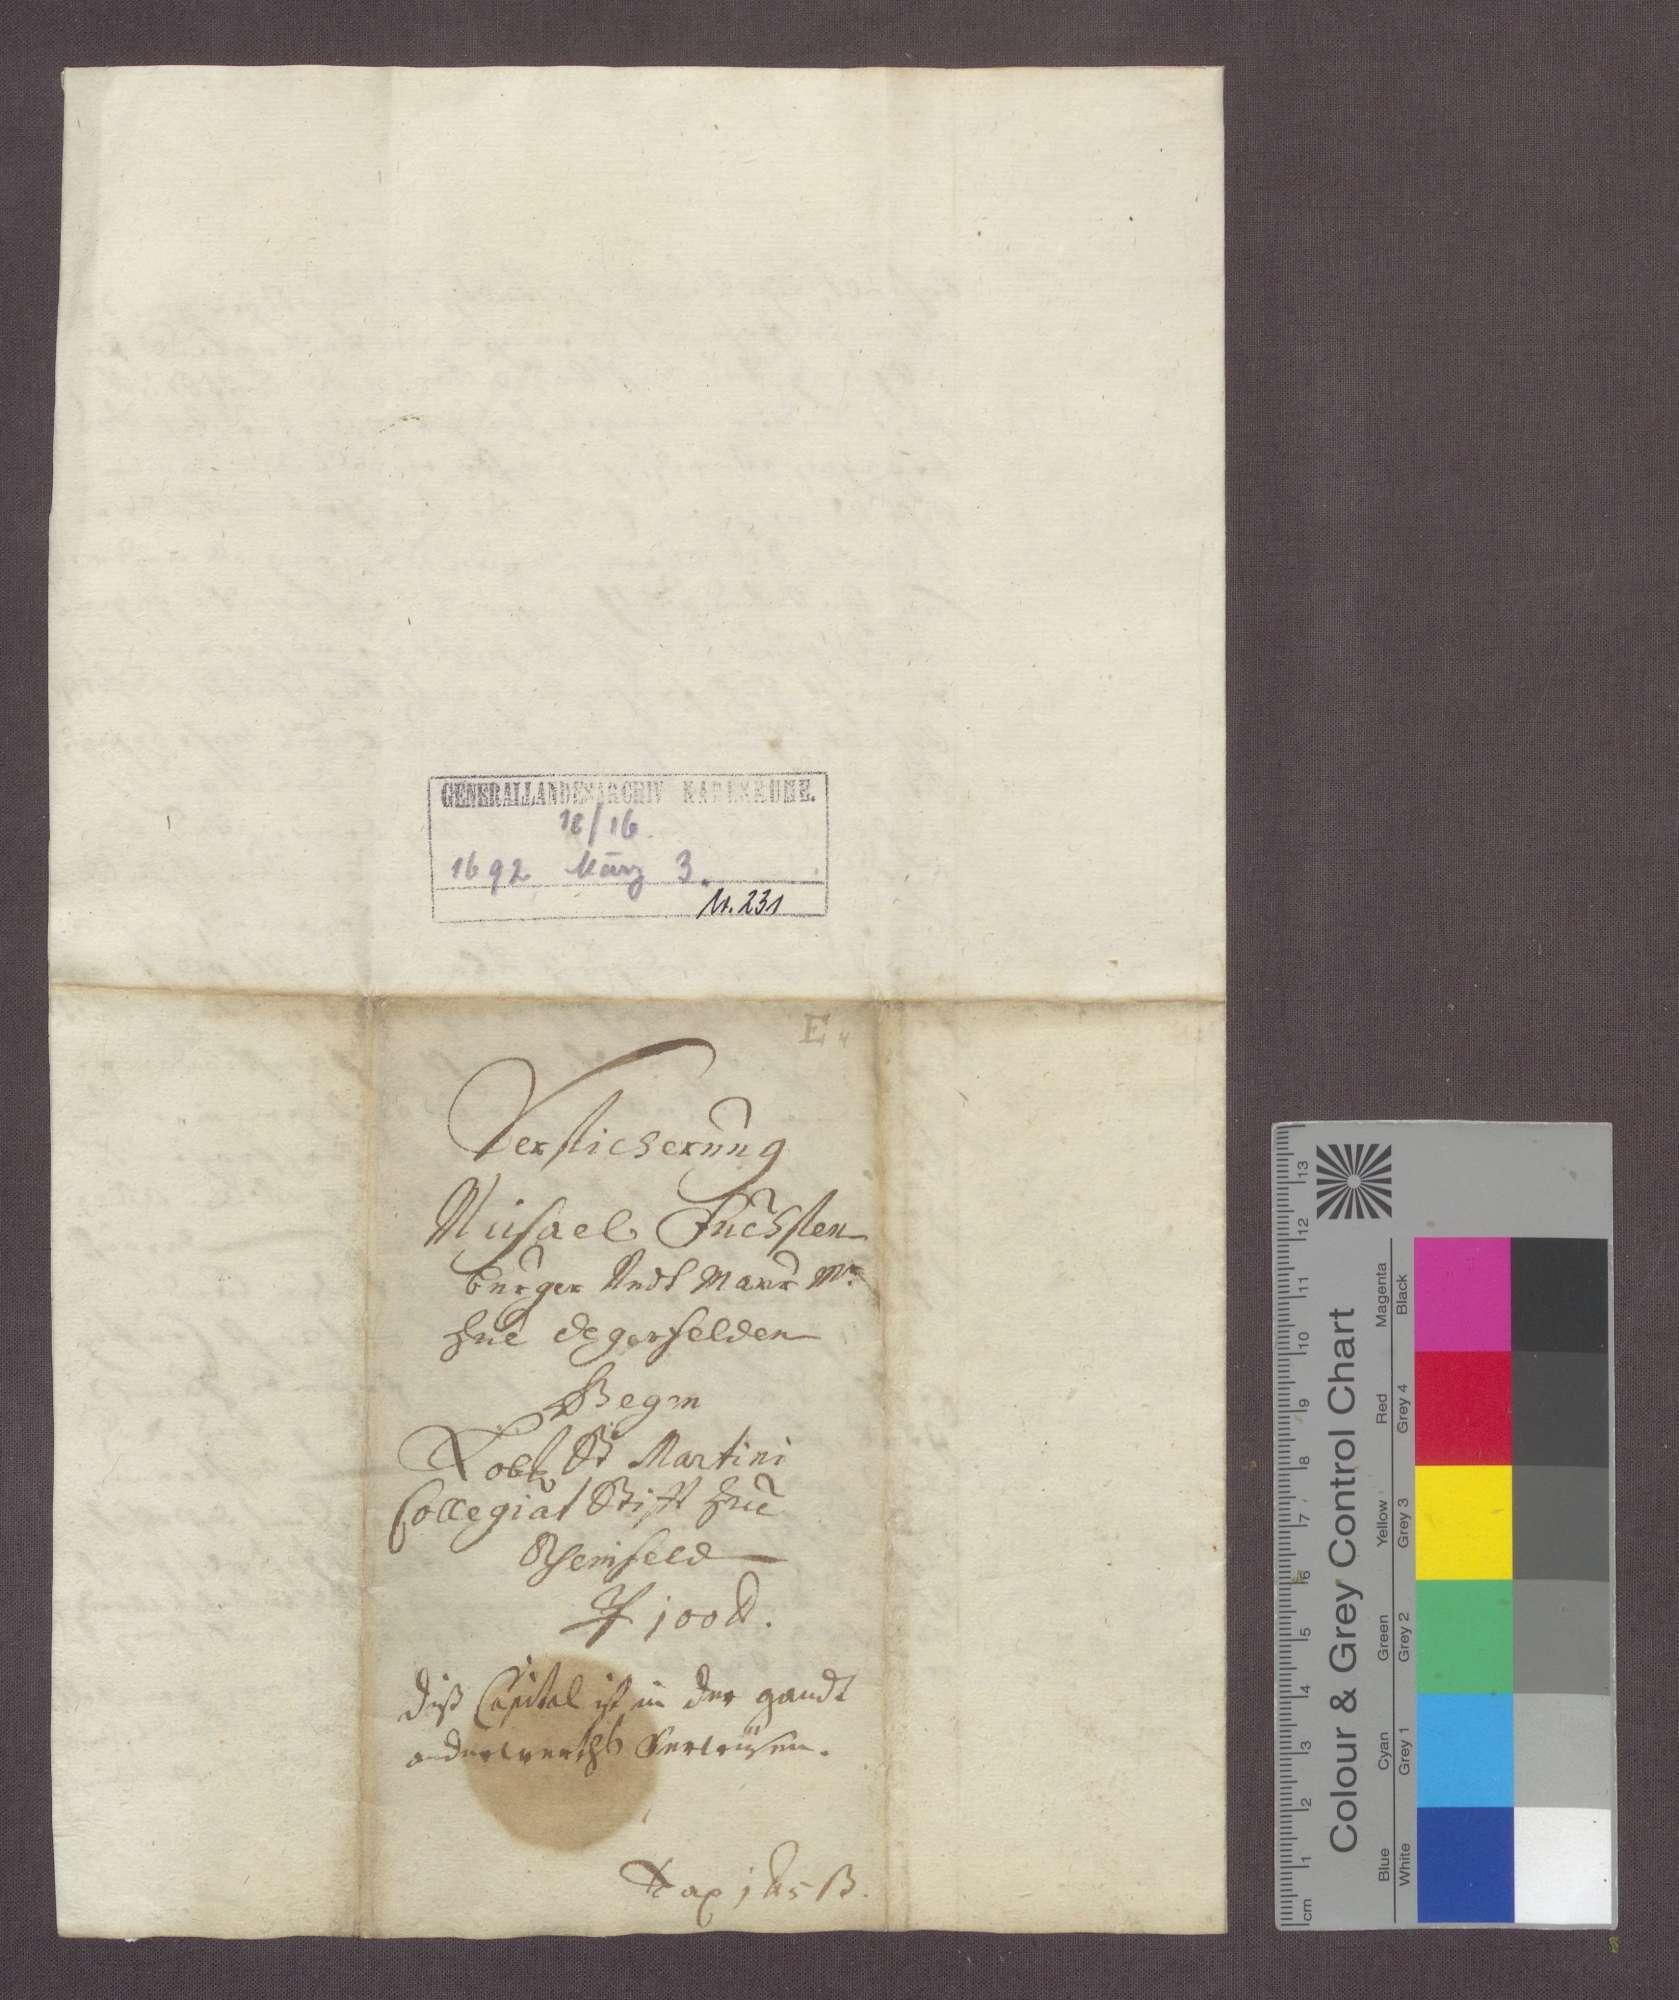 Michael Fuchs, Bürger und Maurer zu Degenfelden, verschreibt sich gegenüber dem St. Martins-Stift zu Rheinfelden wegen 100 Gulden., Bild 3